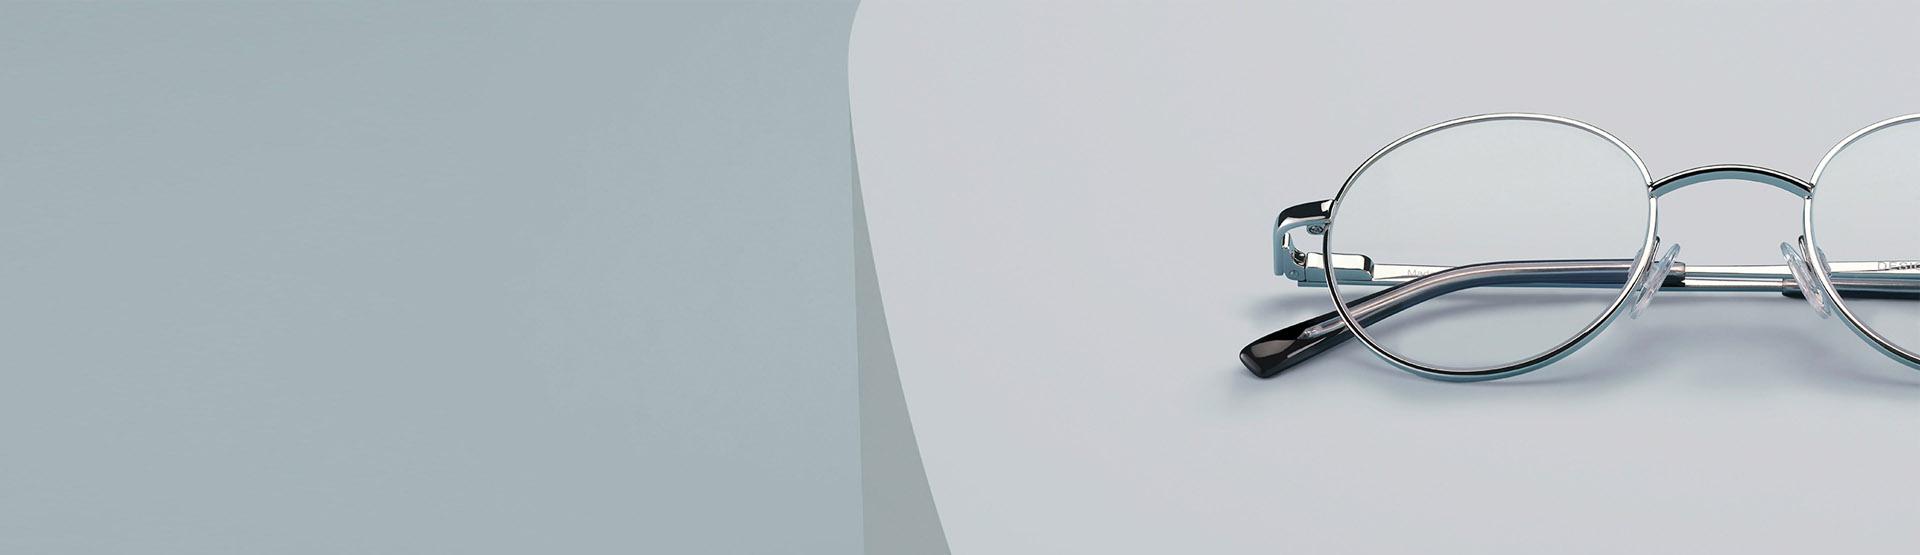 Prisexempel prenumeration på glasögon